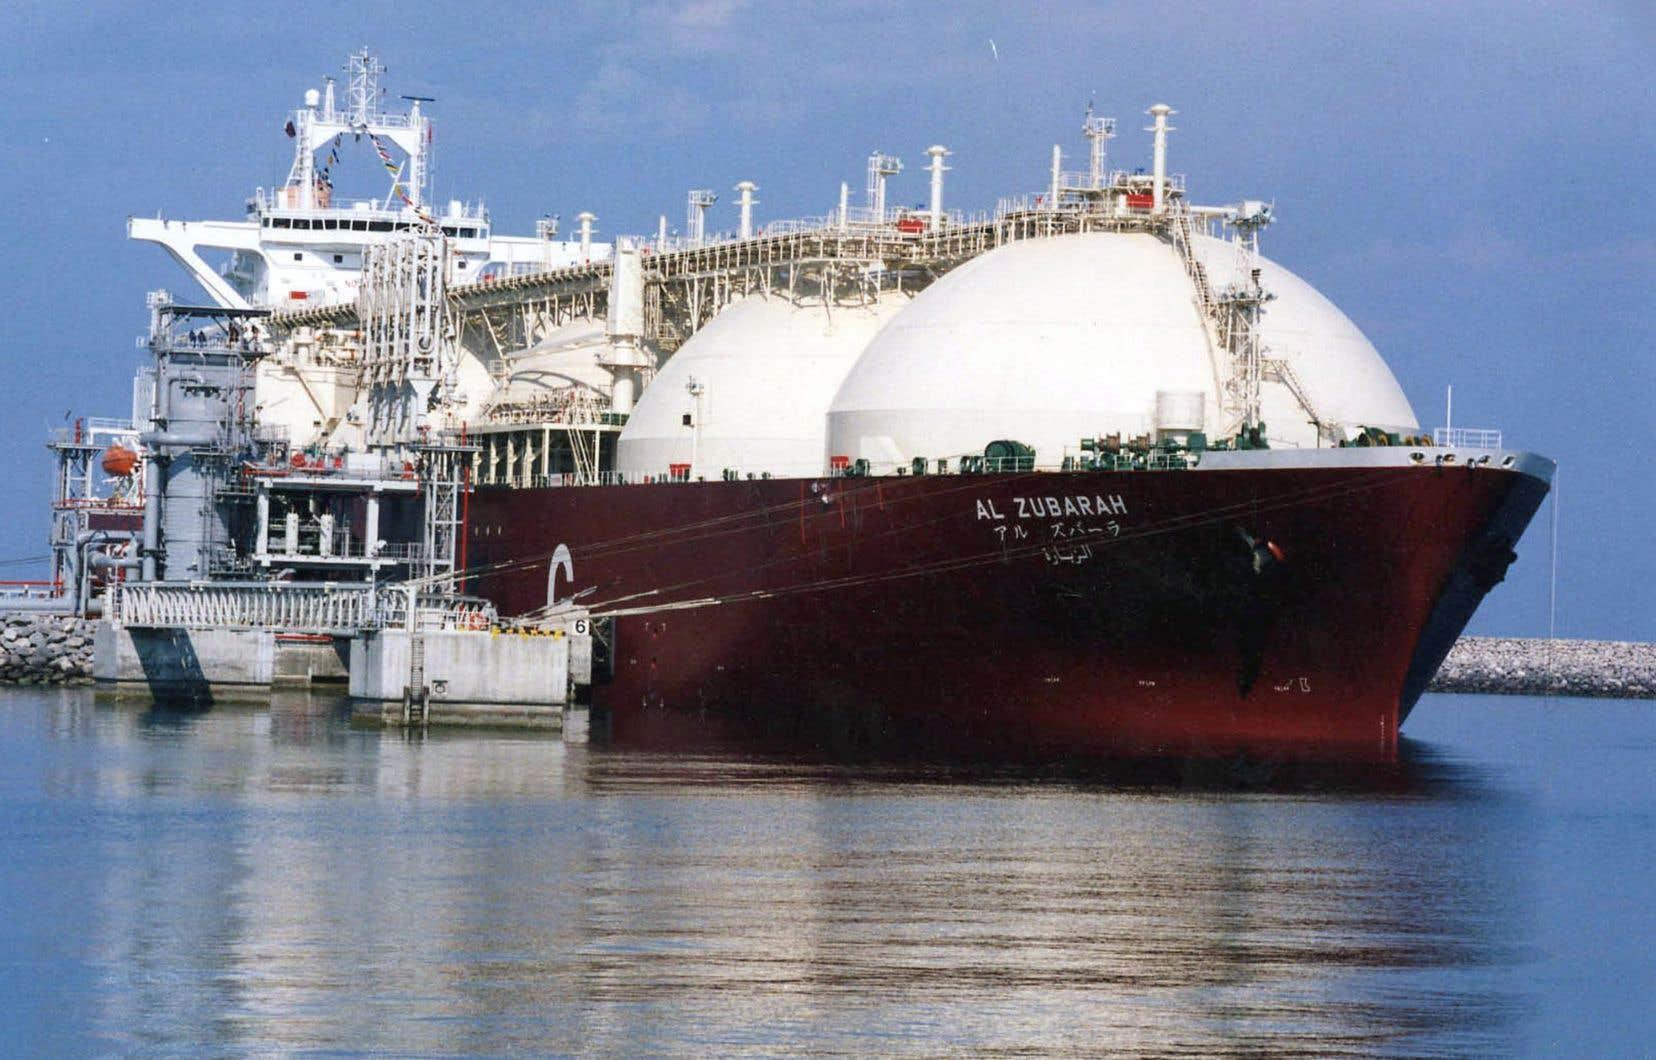 Au moins 160 méthaniers navigueraient chaque année sur le Saint-Laurent et le Saguenay pour exporter le gaz naturel liquéfié.